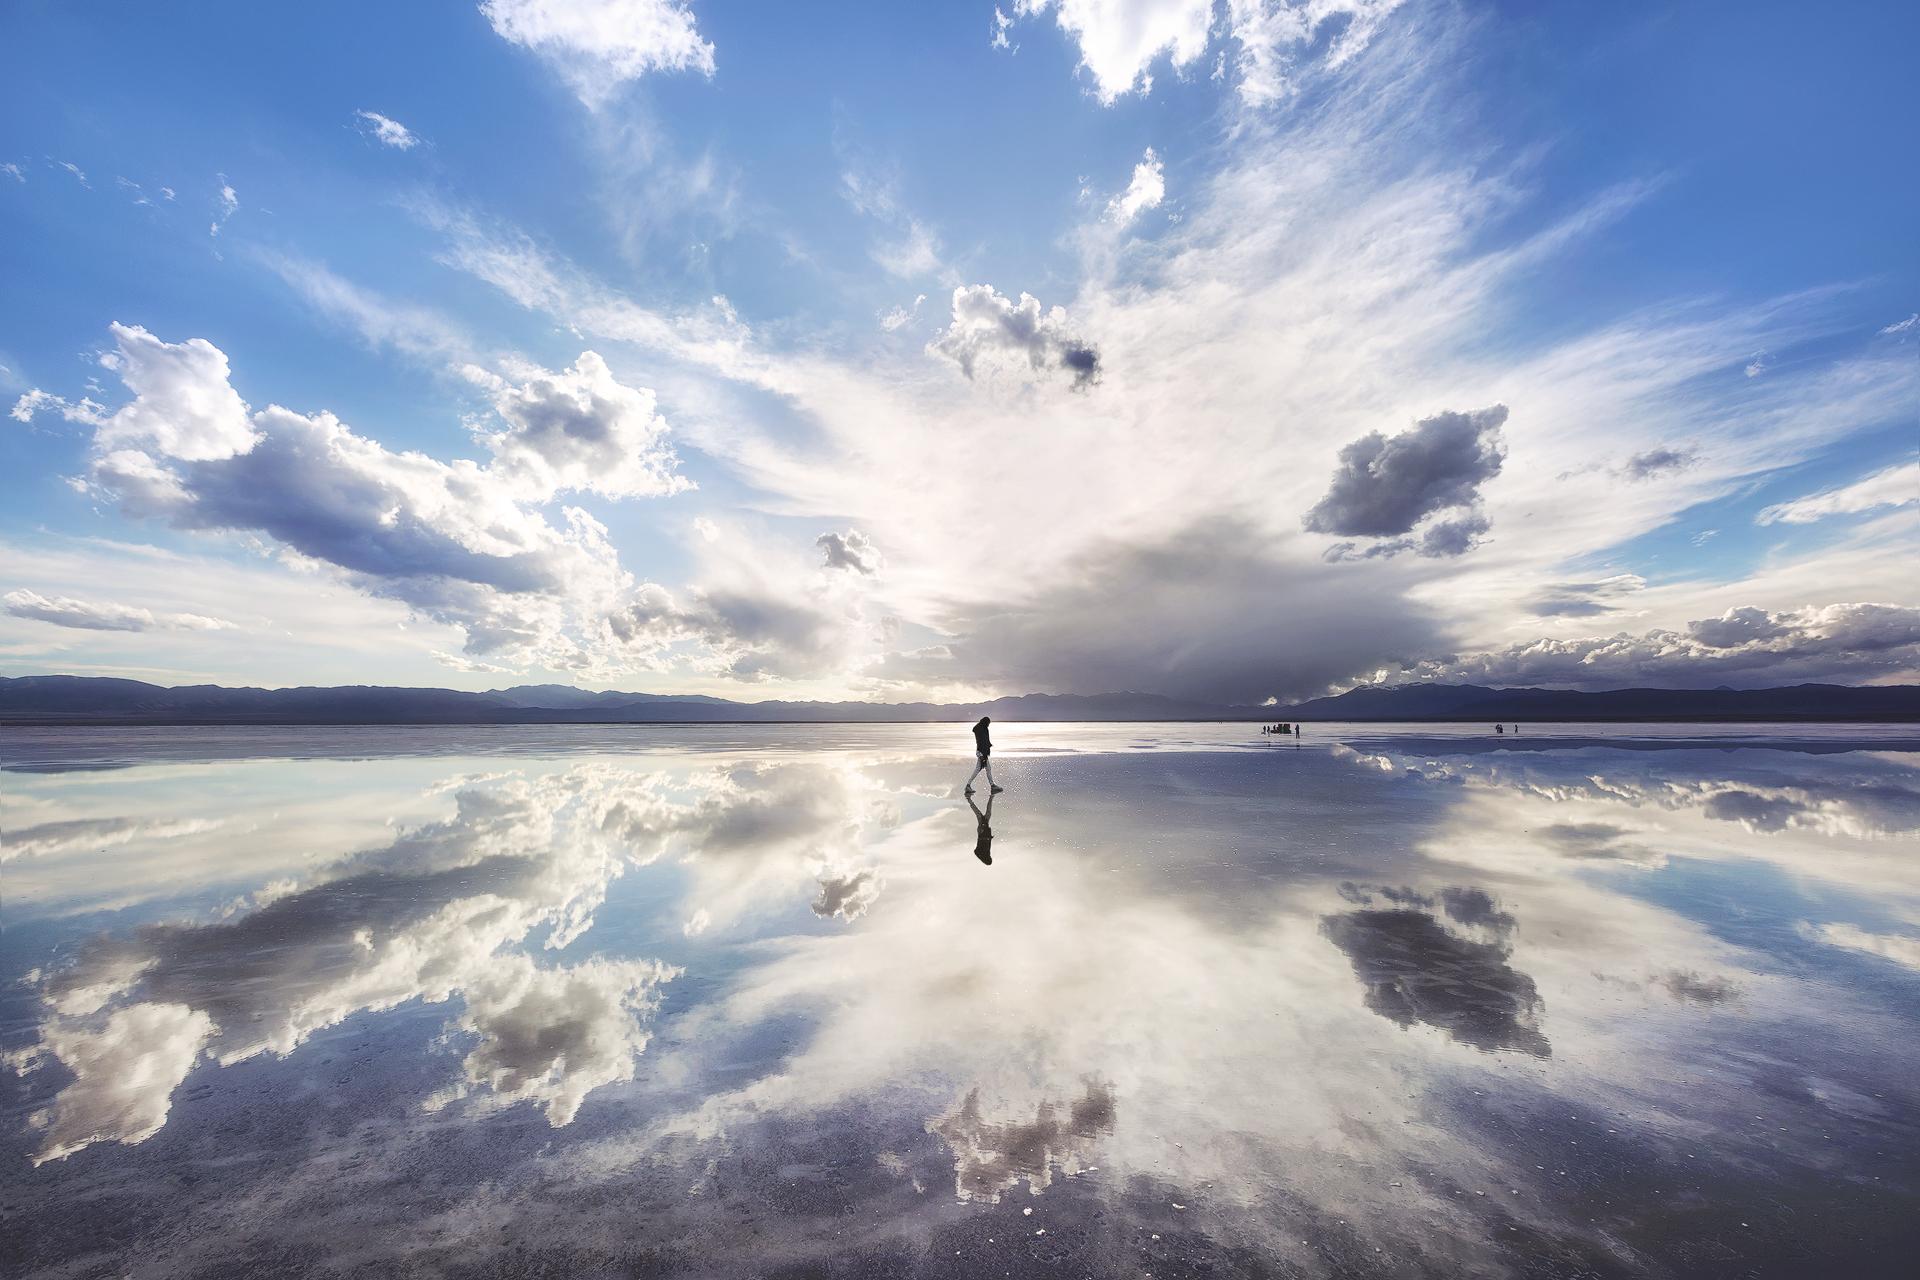 馬來西亞包車遊 - 天空之鏡螢火蟲雲頂高原大象保育院(中文司機明星座駕阿爾法)